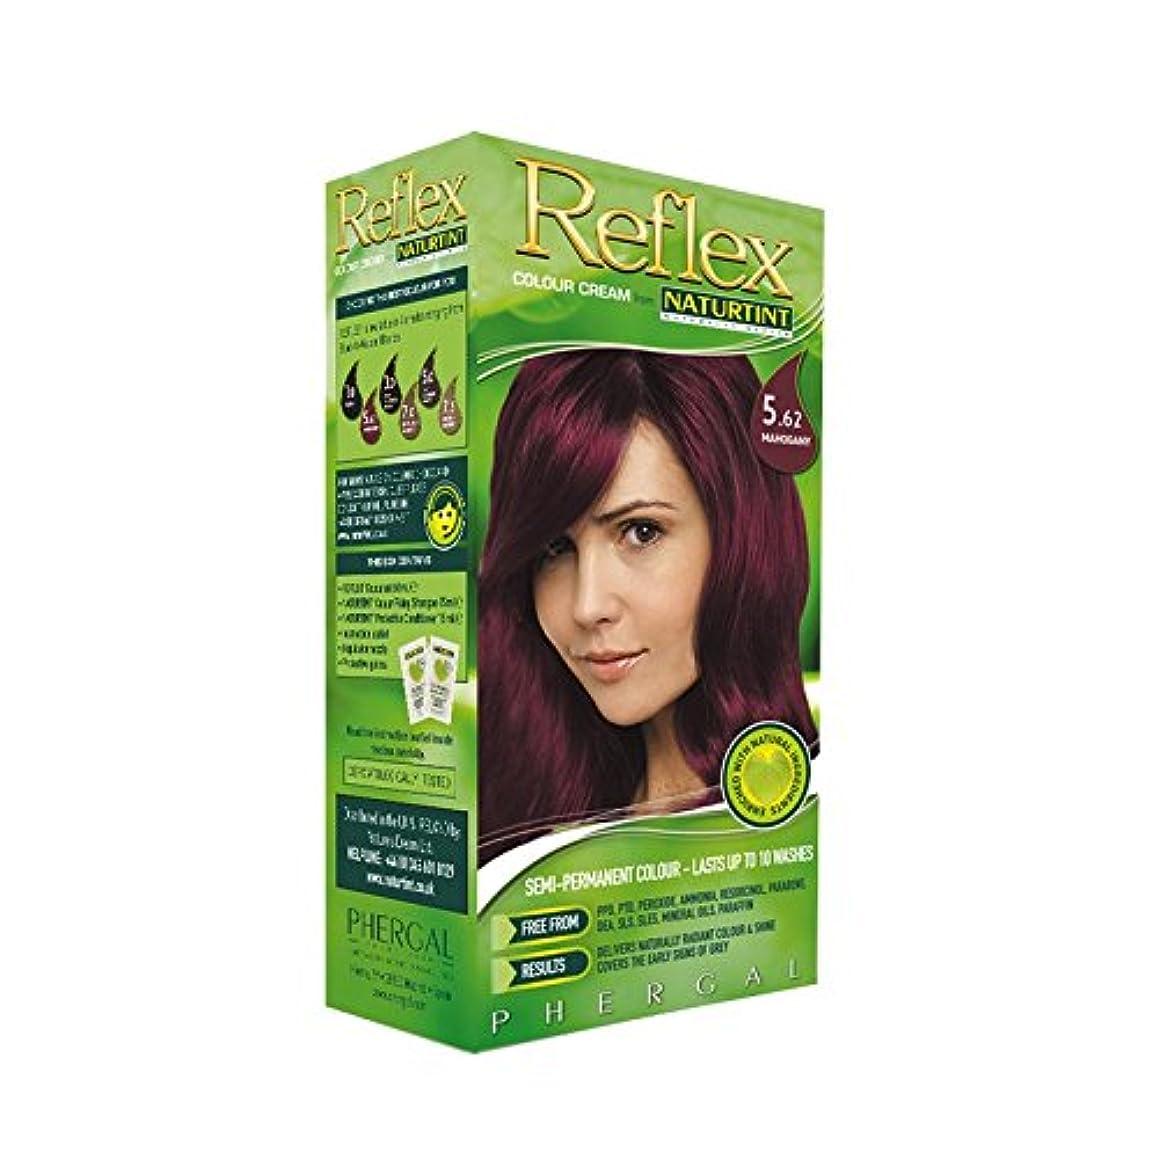 に勝る契約した戸棚Naturtint Reflex Non Permanent Colour Rinse 5.62 Mahogany (Pack of 2) - Naturtint反射非永久的な色は5.62マホガニーをすすぎます (x2) [並行輸入品]